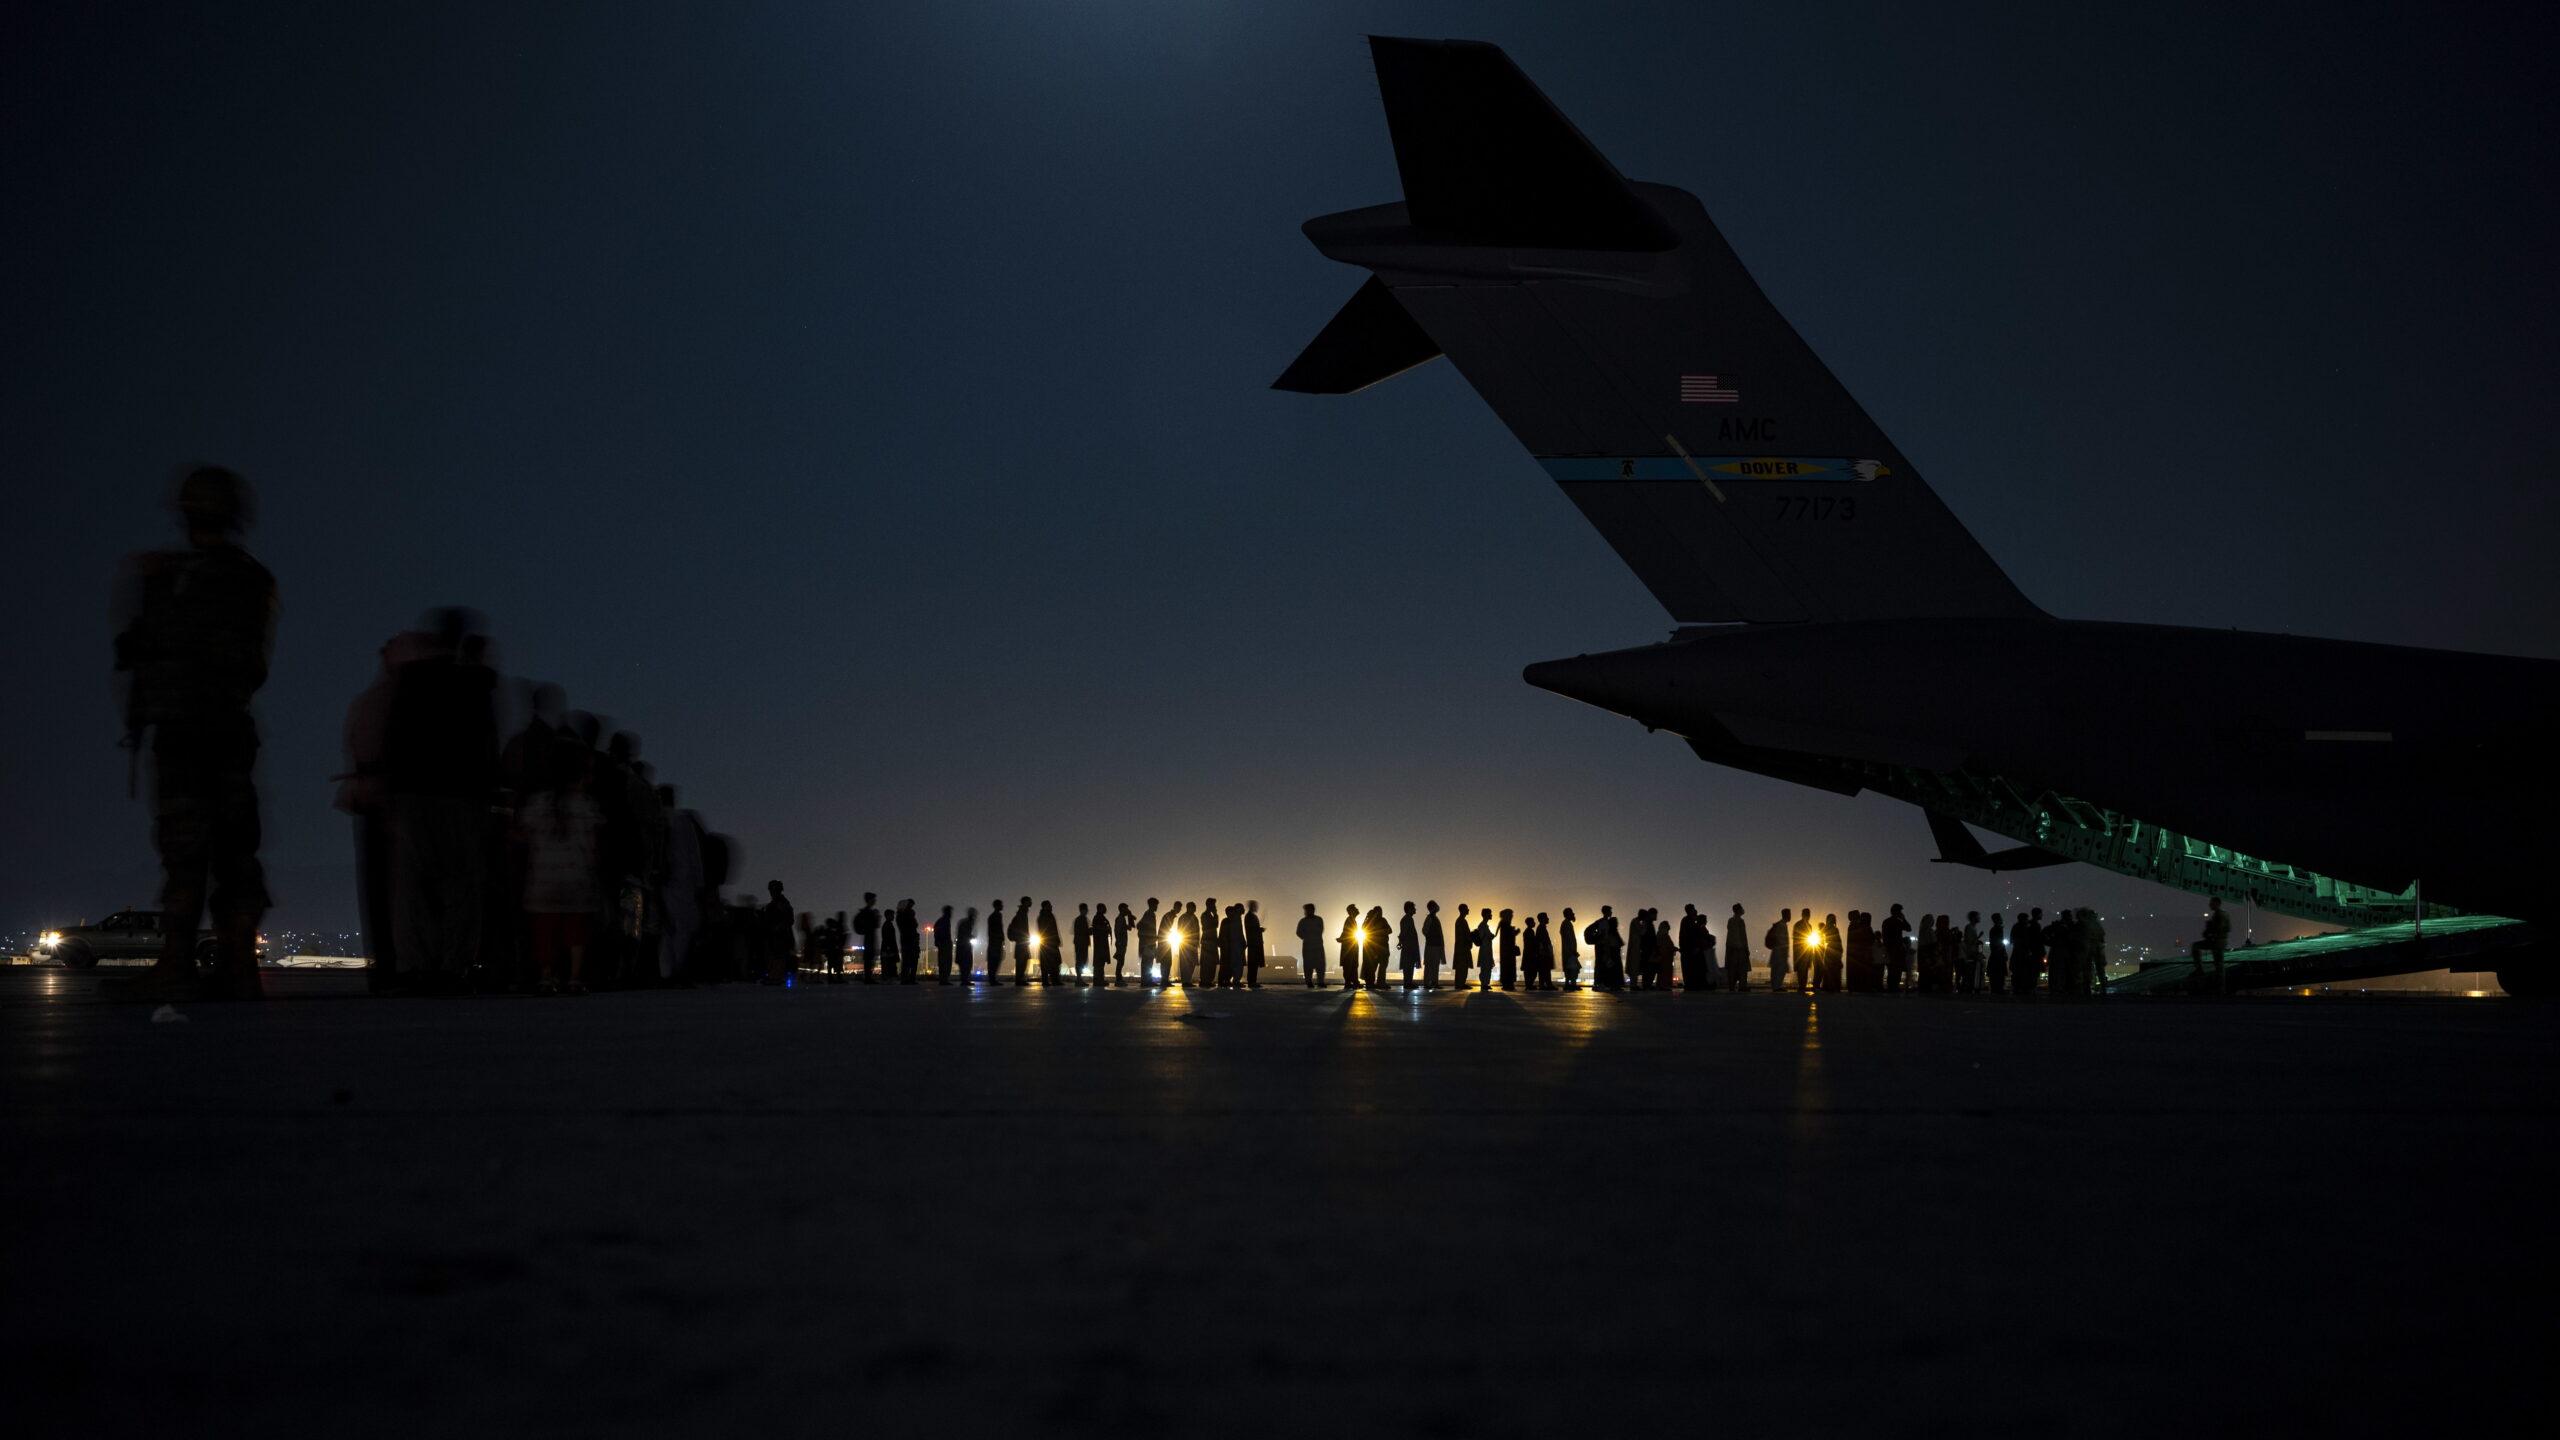 Ki fogja-e bírni Európa az afgán menekülthullámot?